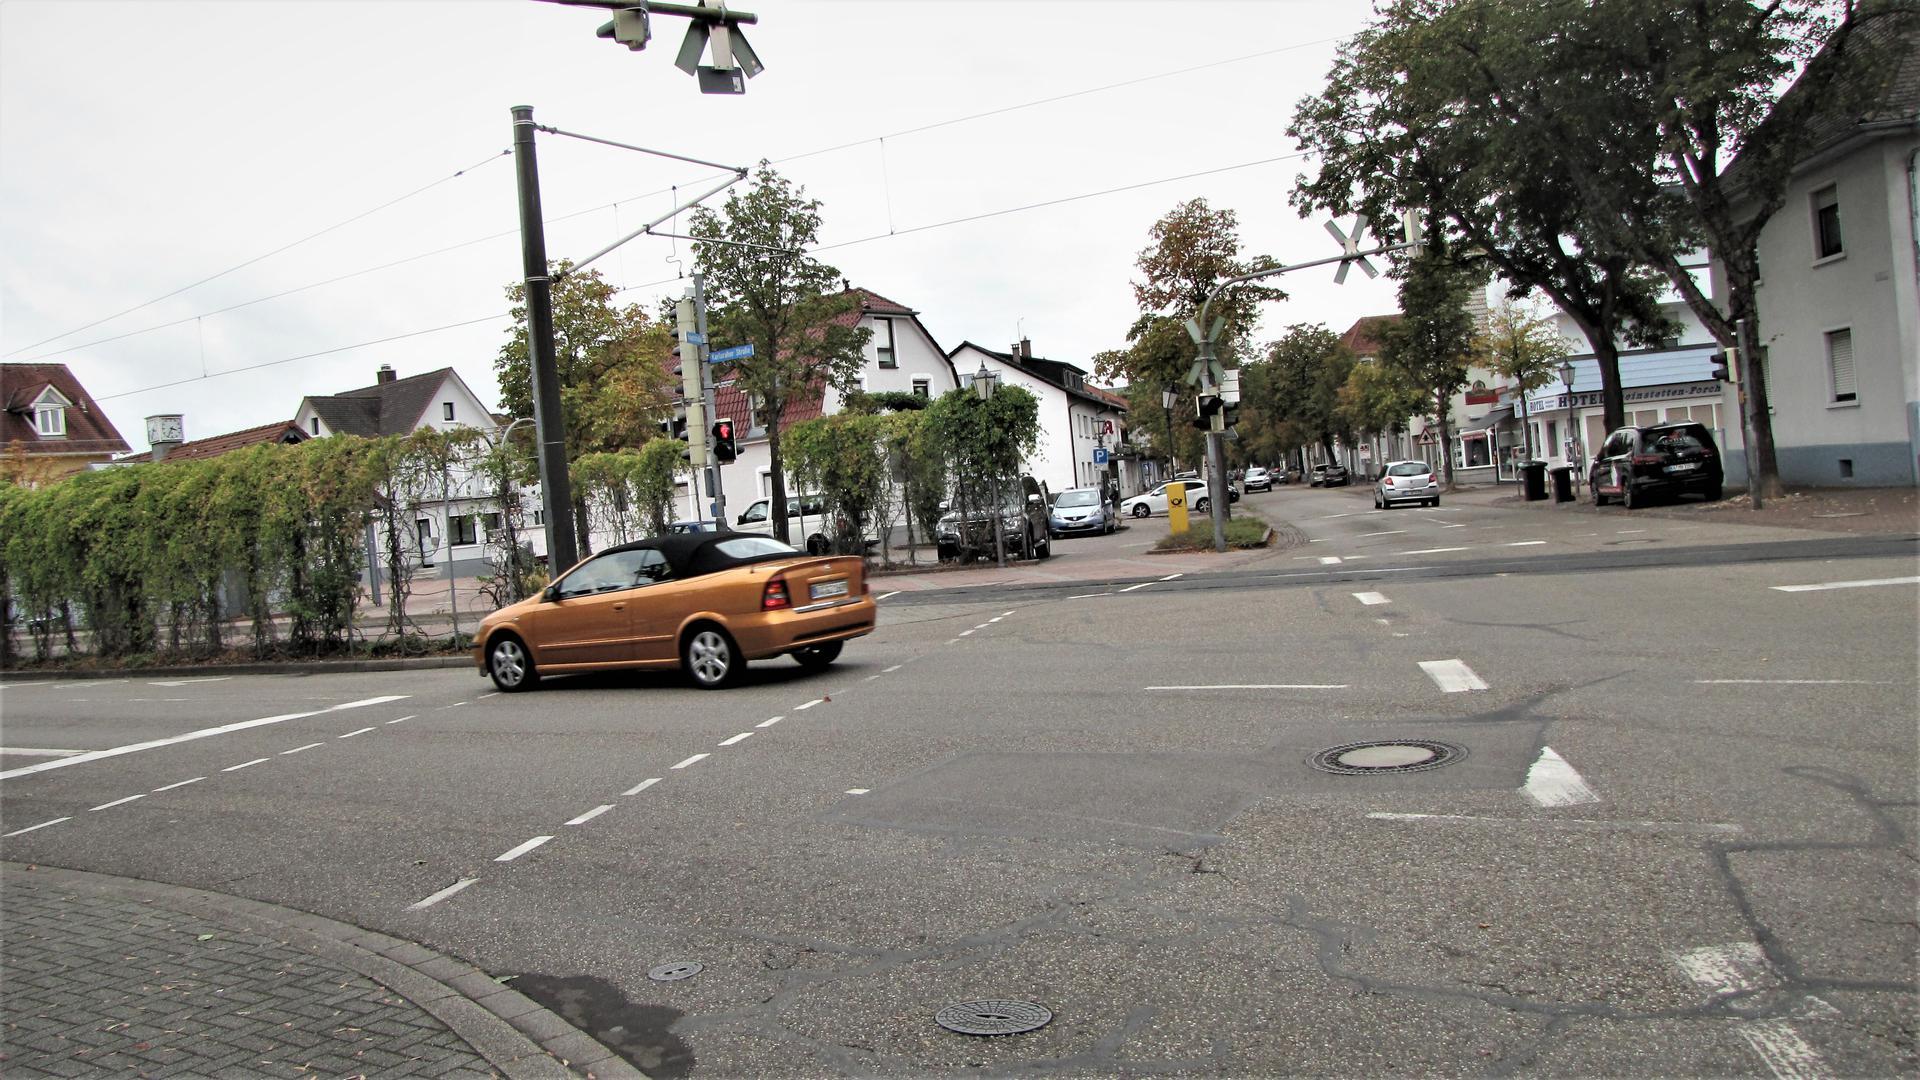 Straße, ein Auto